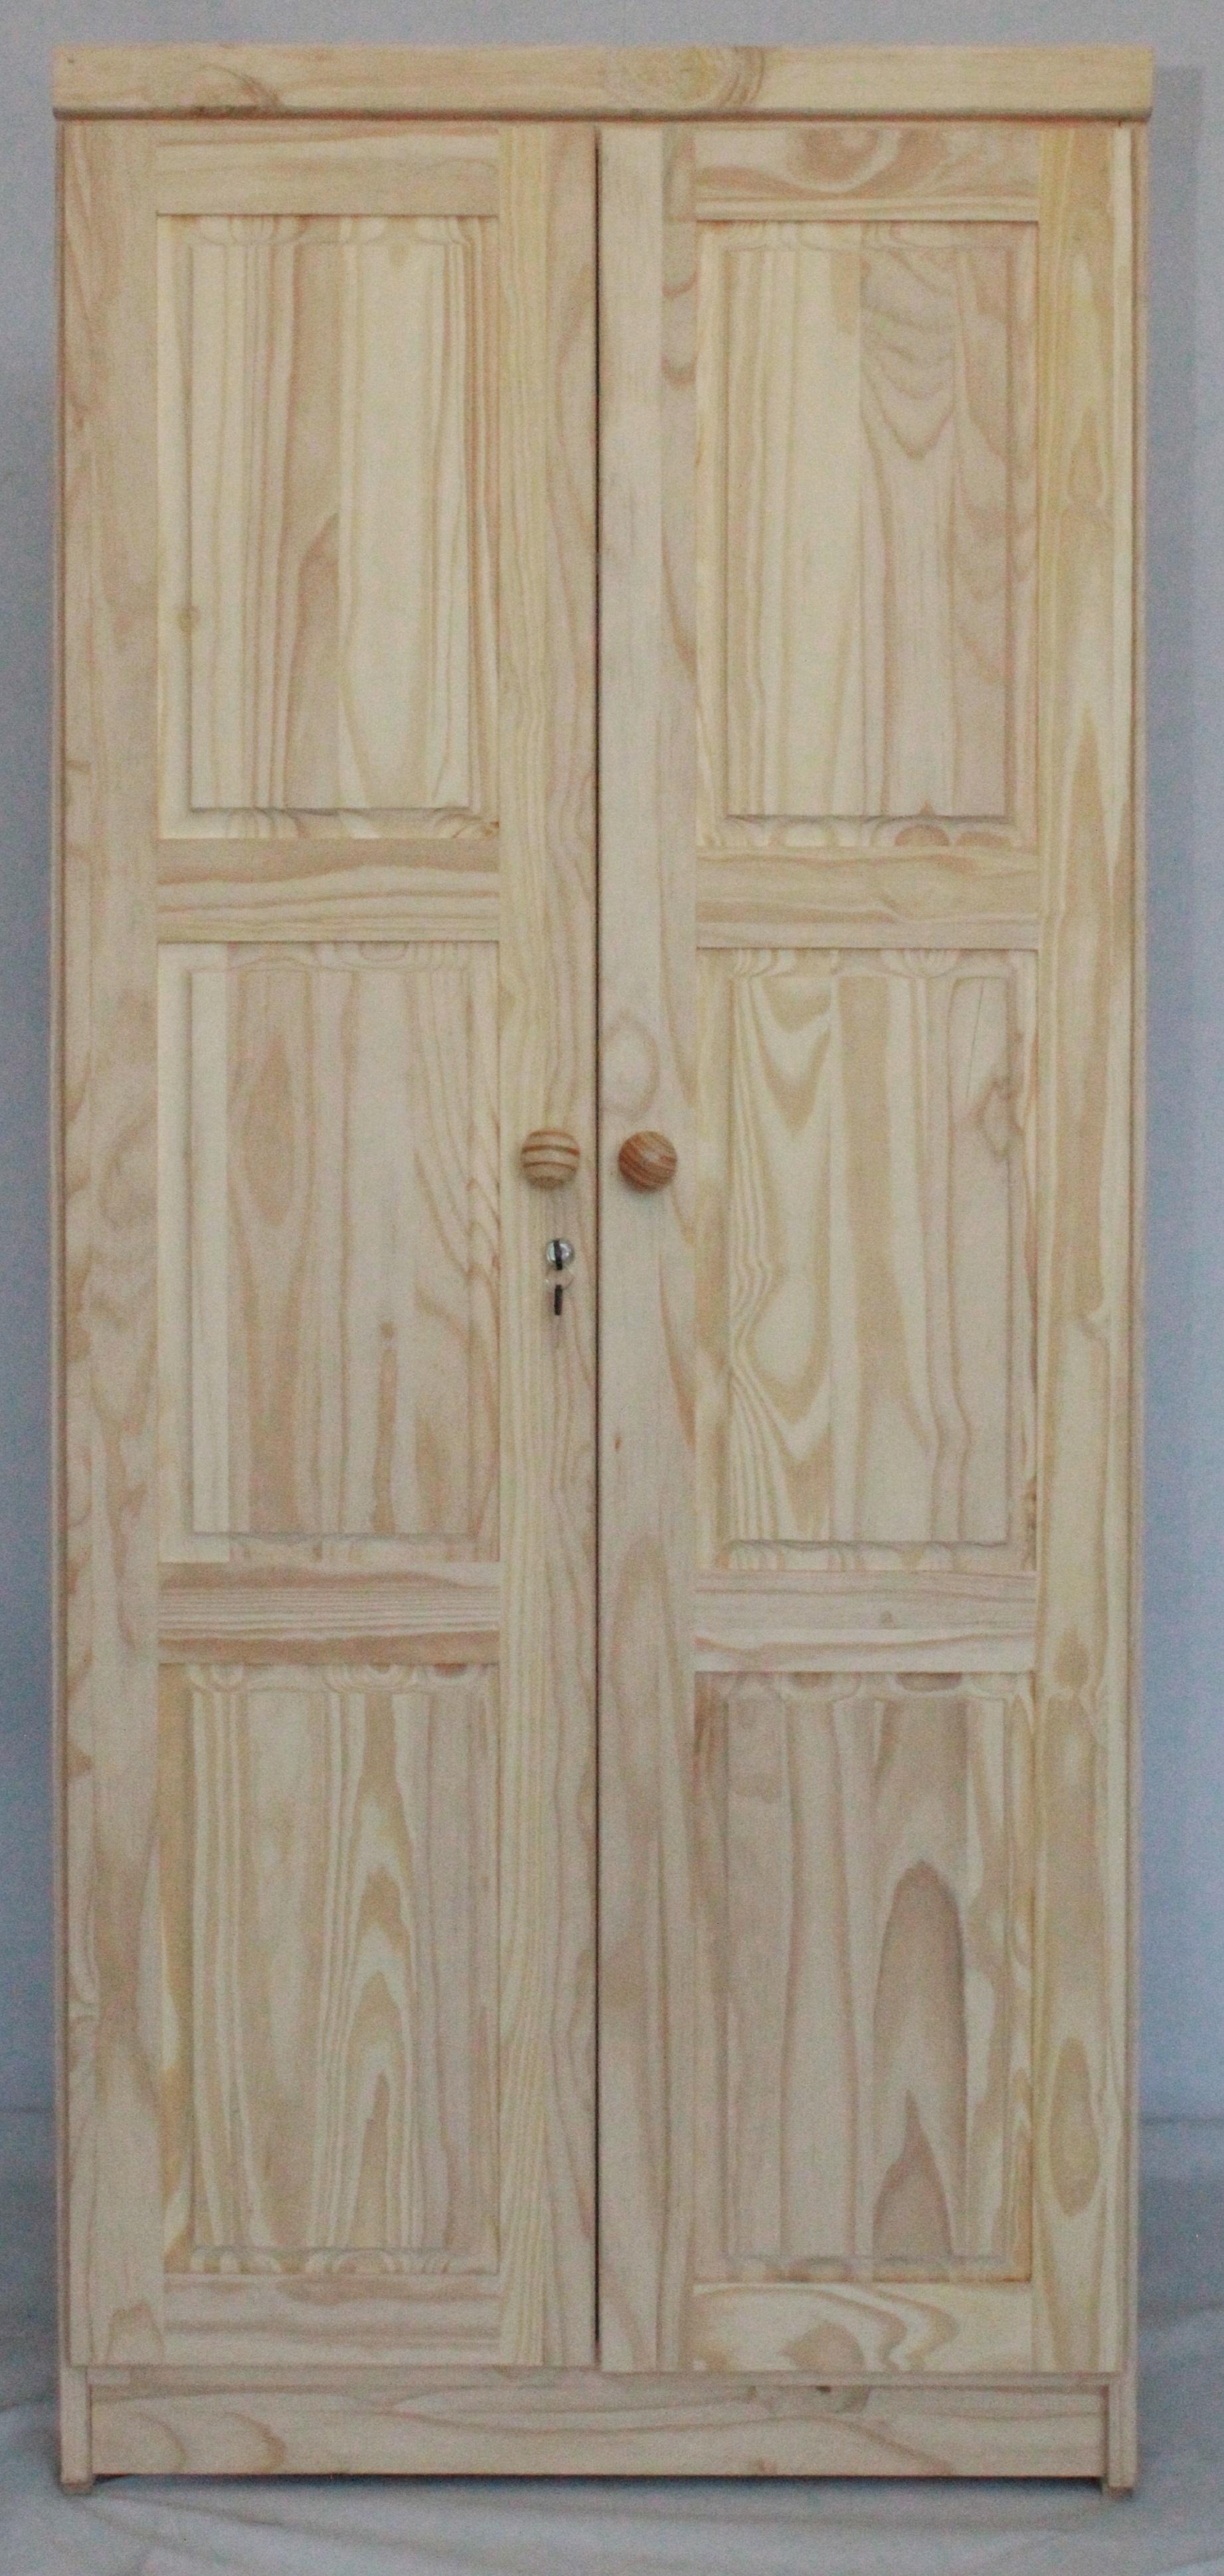 2 Door Hanging & Shelves